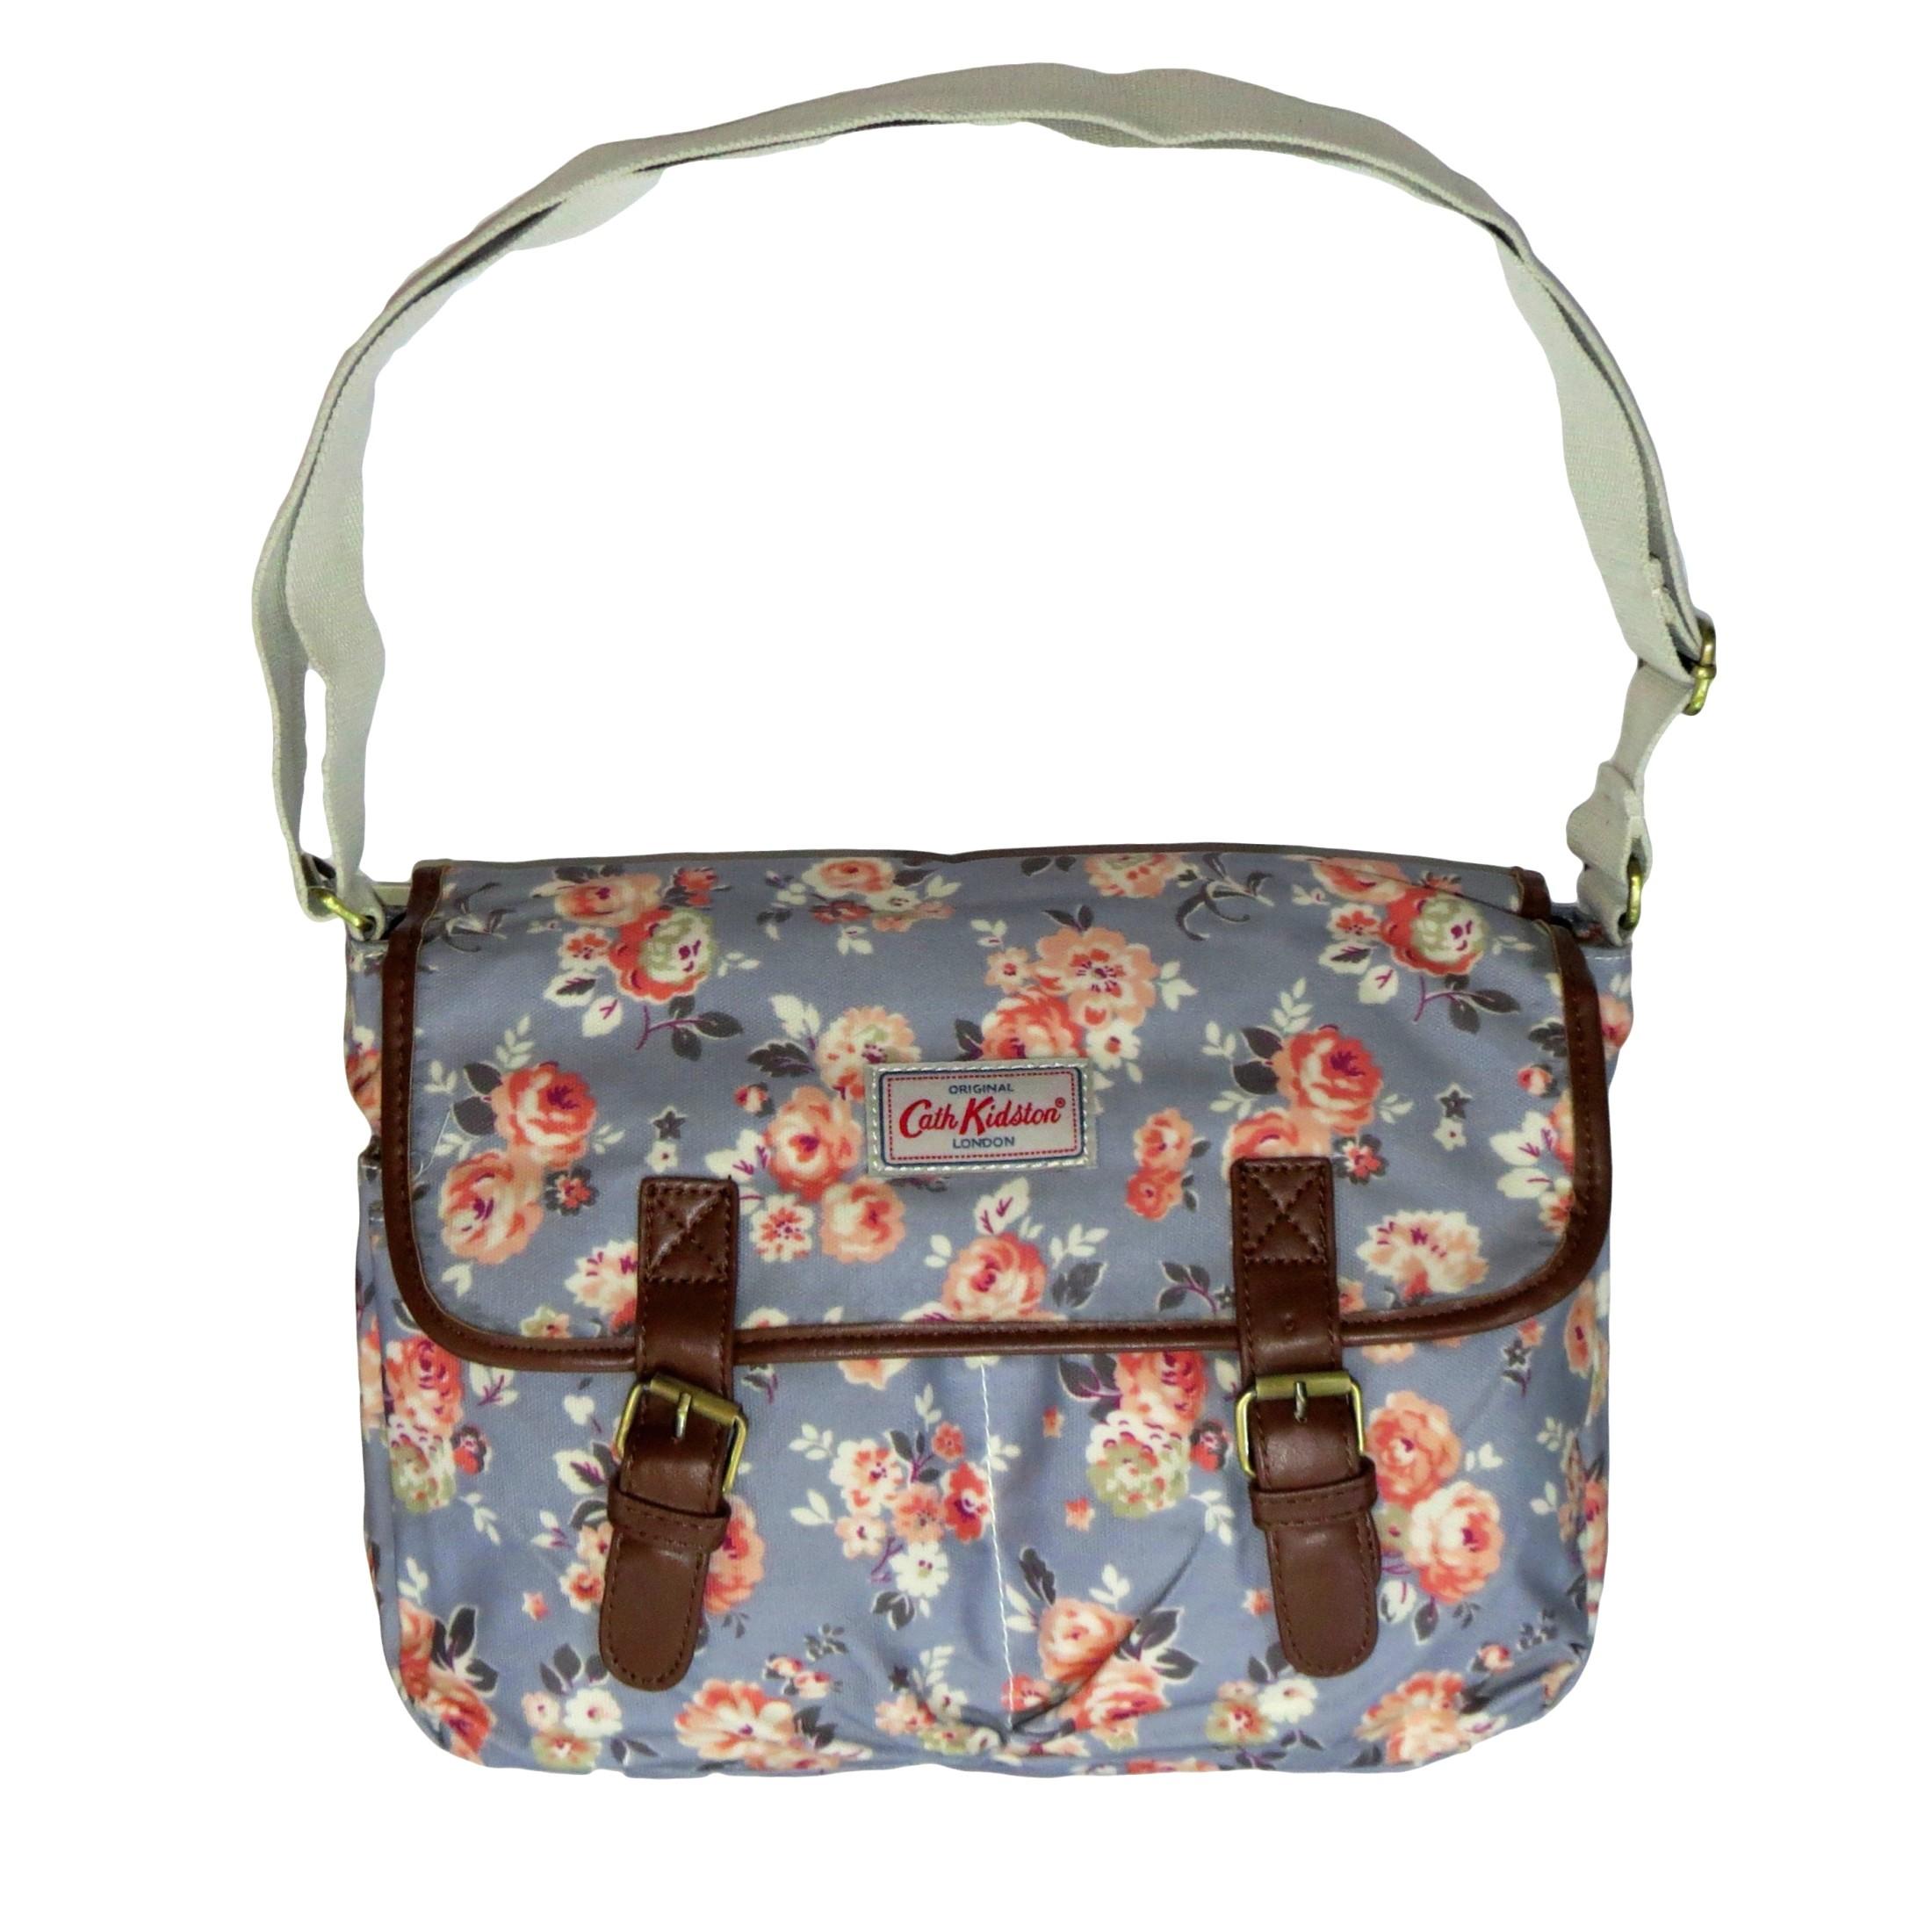 کیف دوشی زنانه کت کیتسون مدل 3_2809